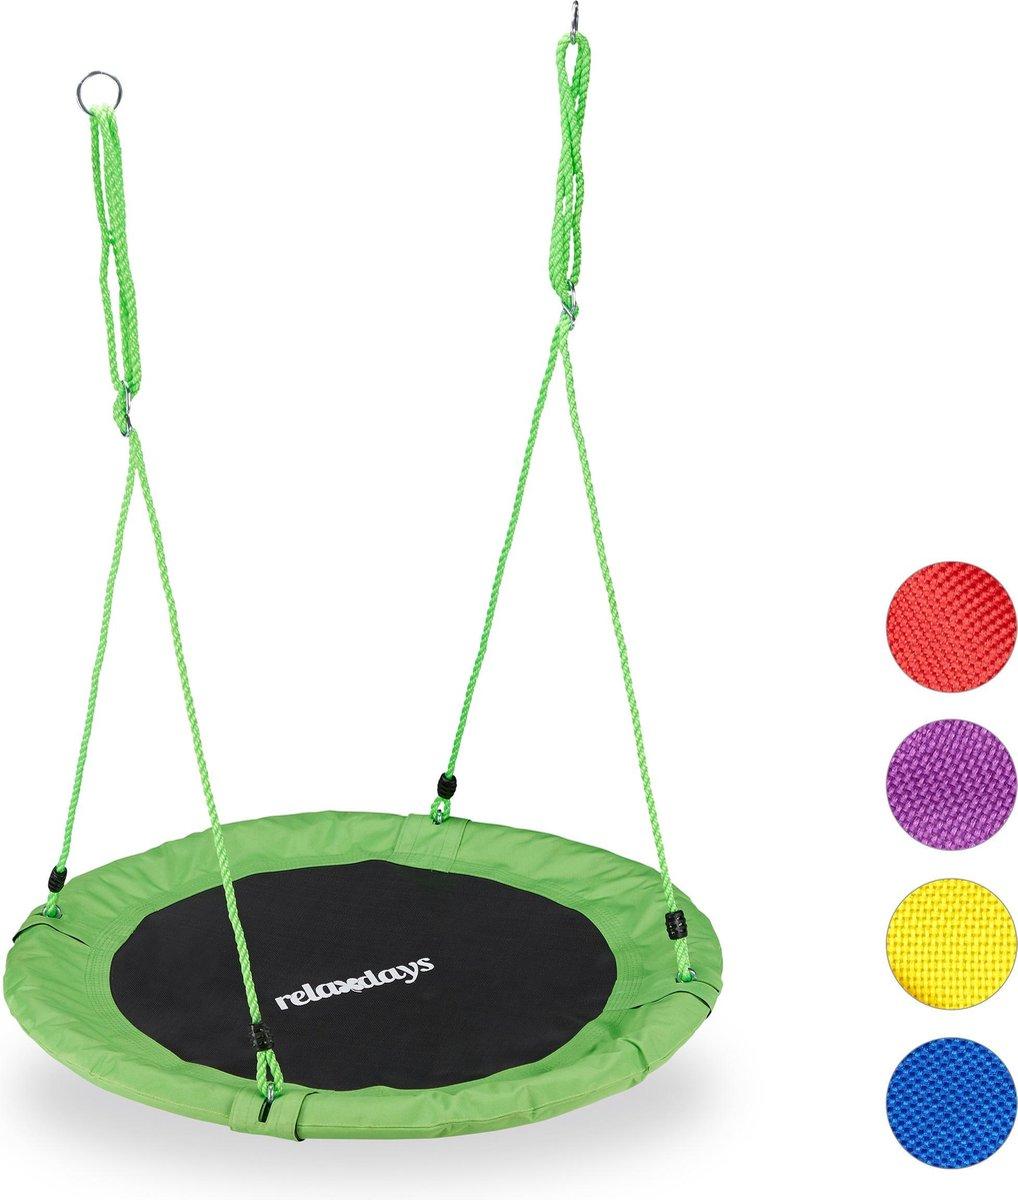 relaxdays Nestschommel - kinderschommel - schotelschommel - schommel buiten - rond - 90 cm groen